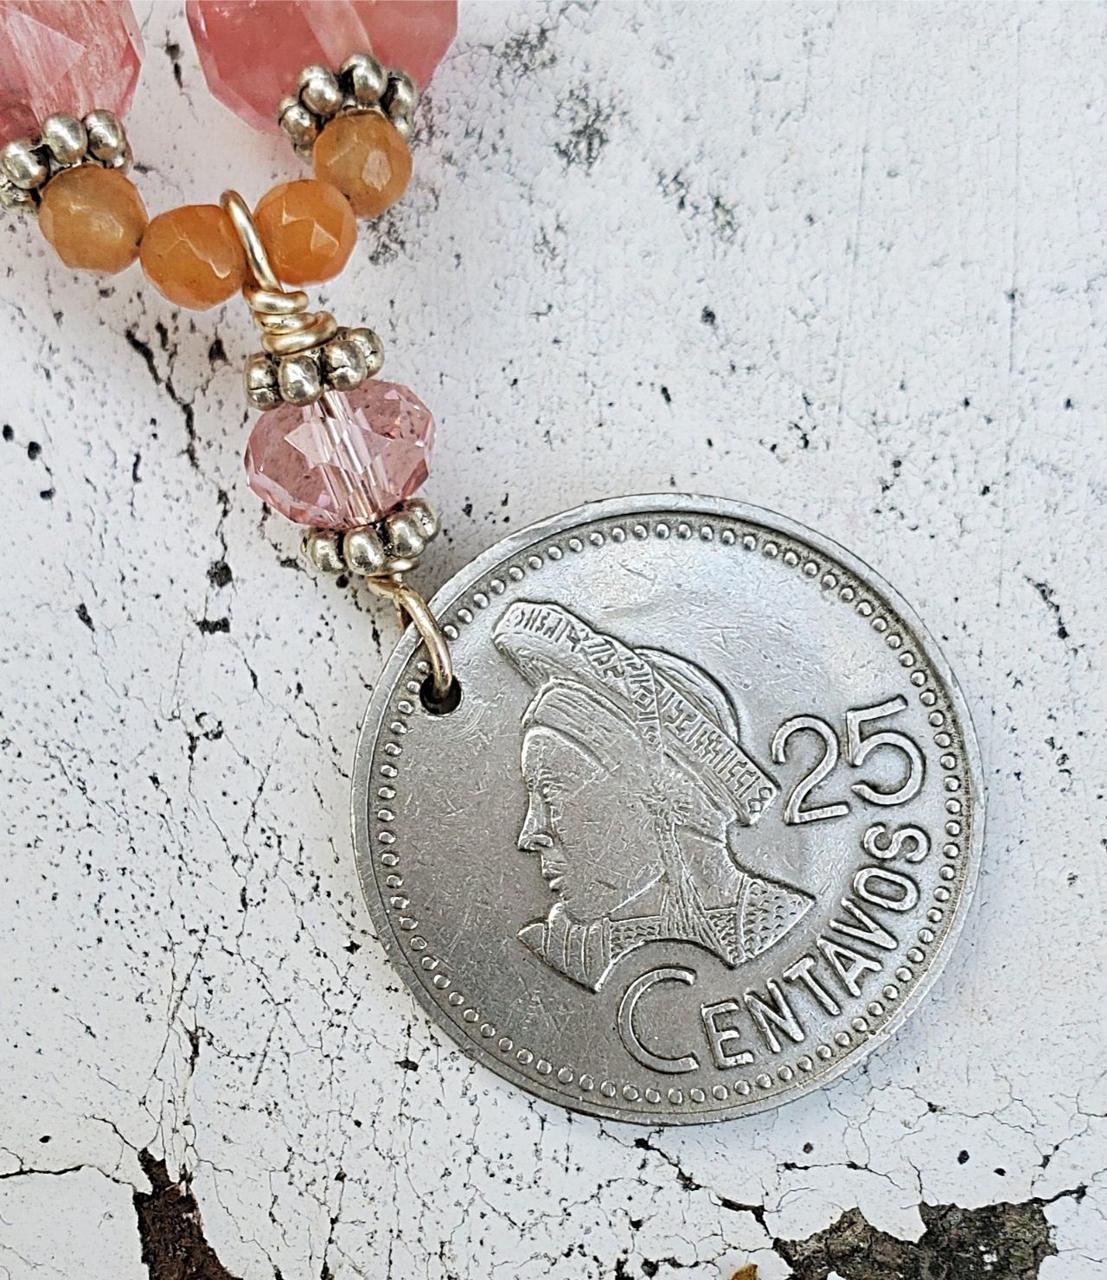 Guatemalan silver 25 centavos coin necklace